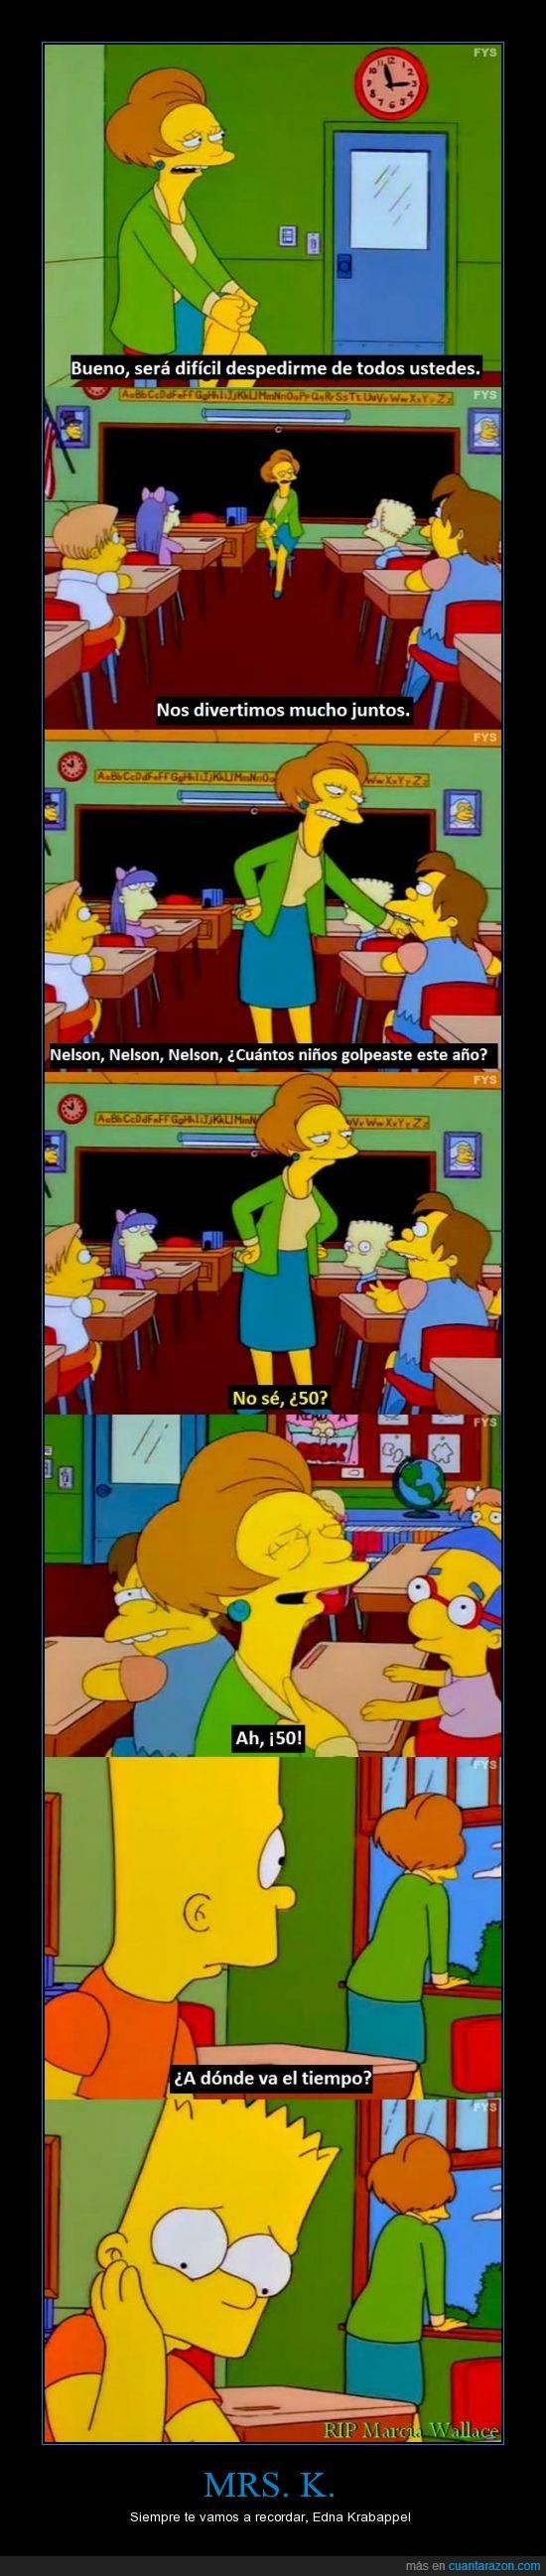 Bart Simpson,Edna Krabappel,Edna se despide de sus alumnos,Los Simpsons,Marcia Wallace,Mrs. K,te extrañaremos,The Simpson